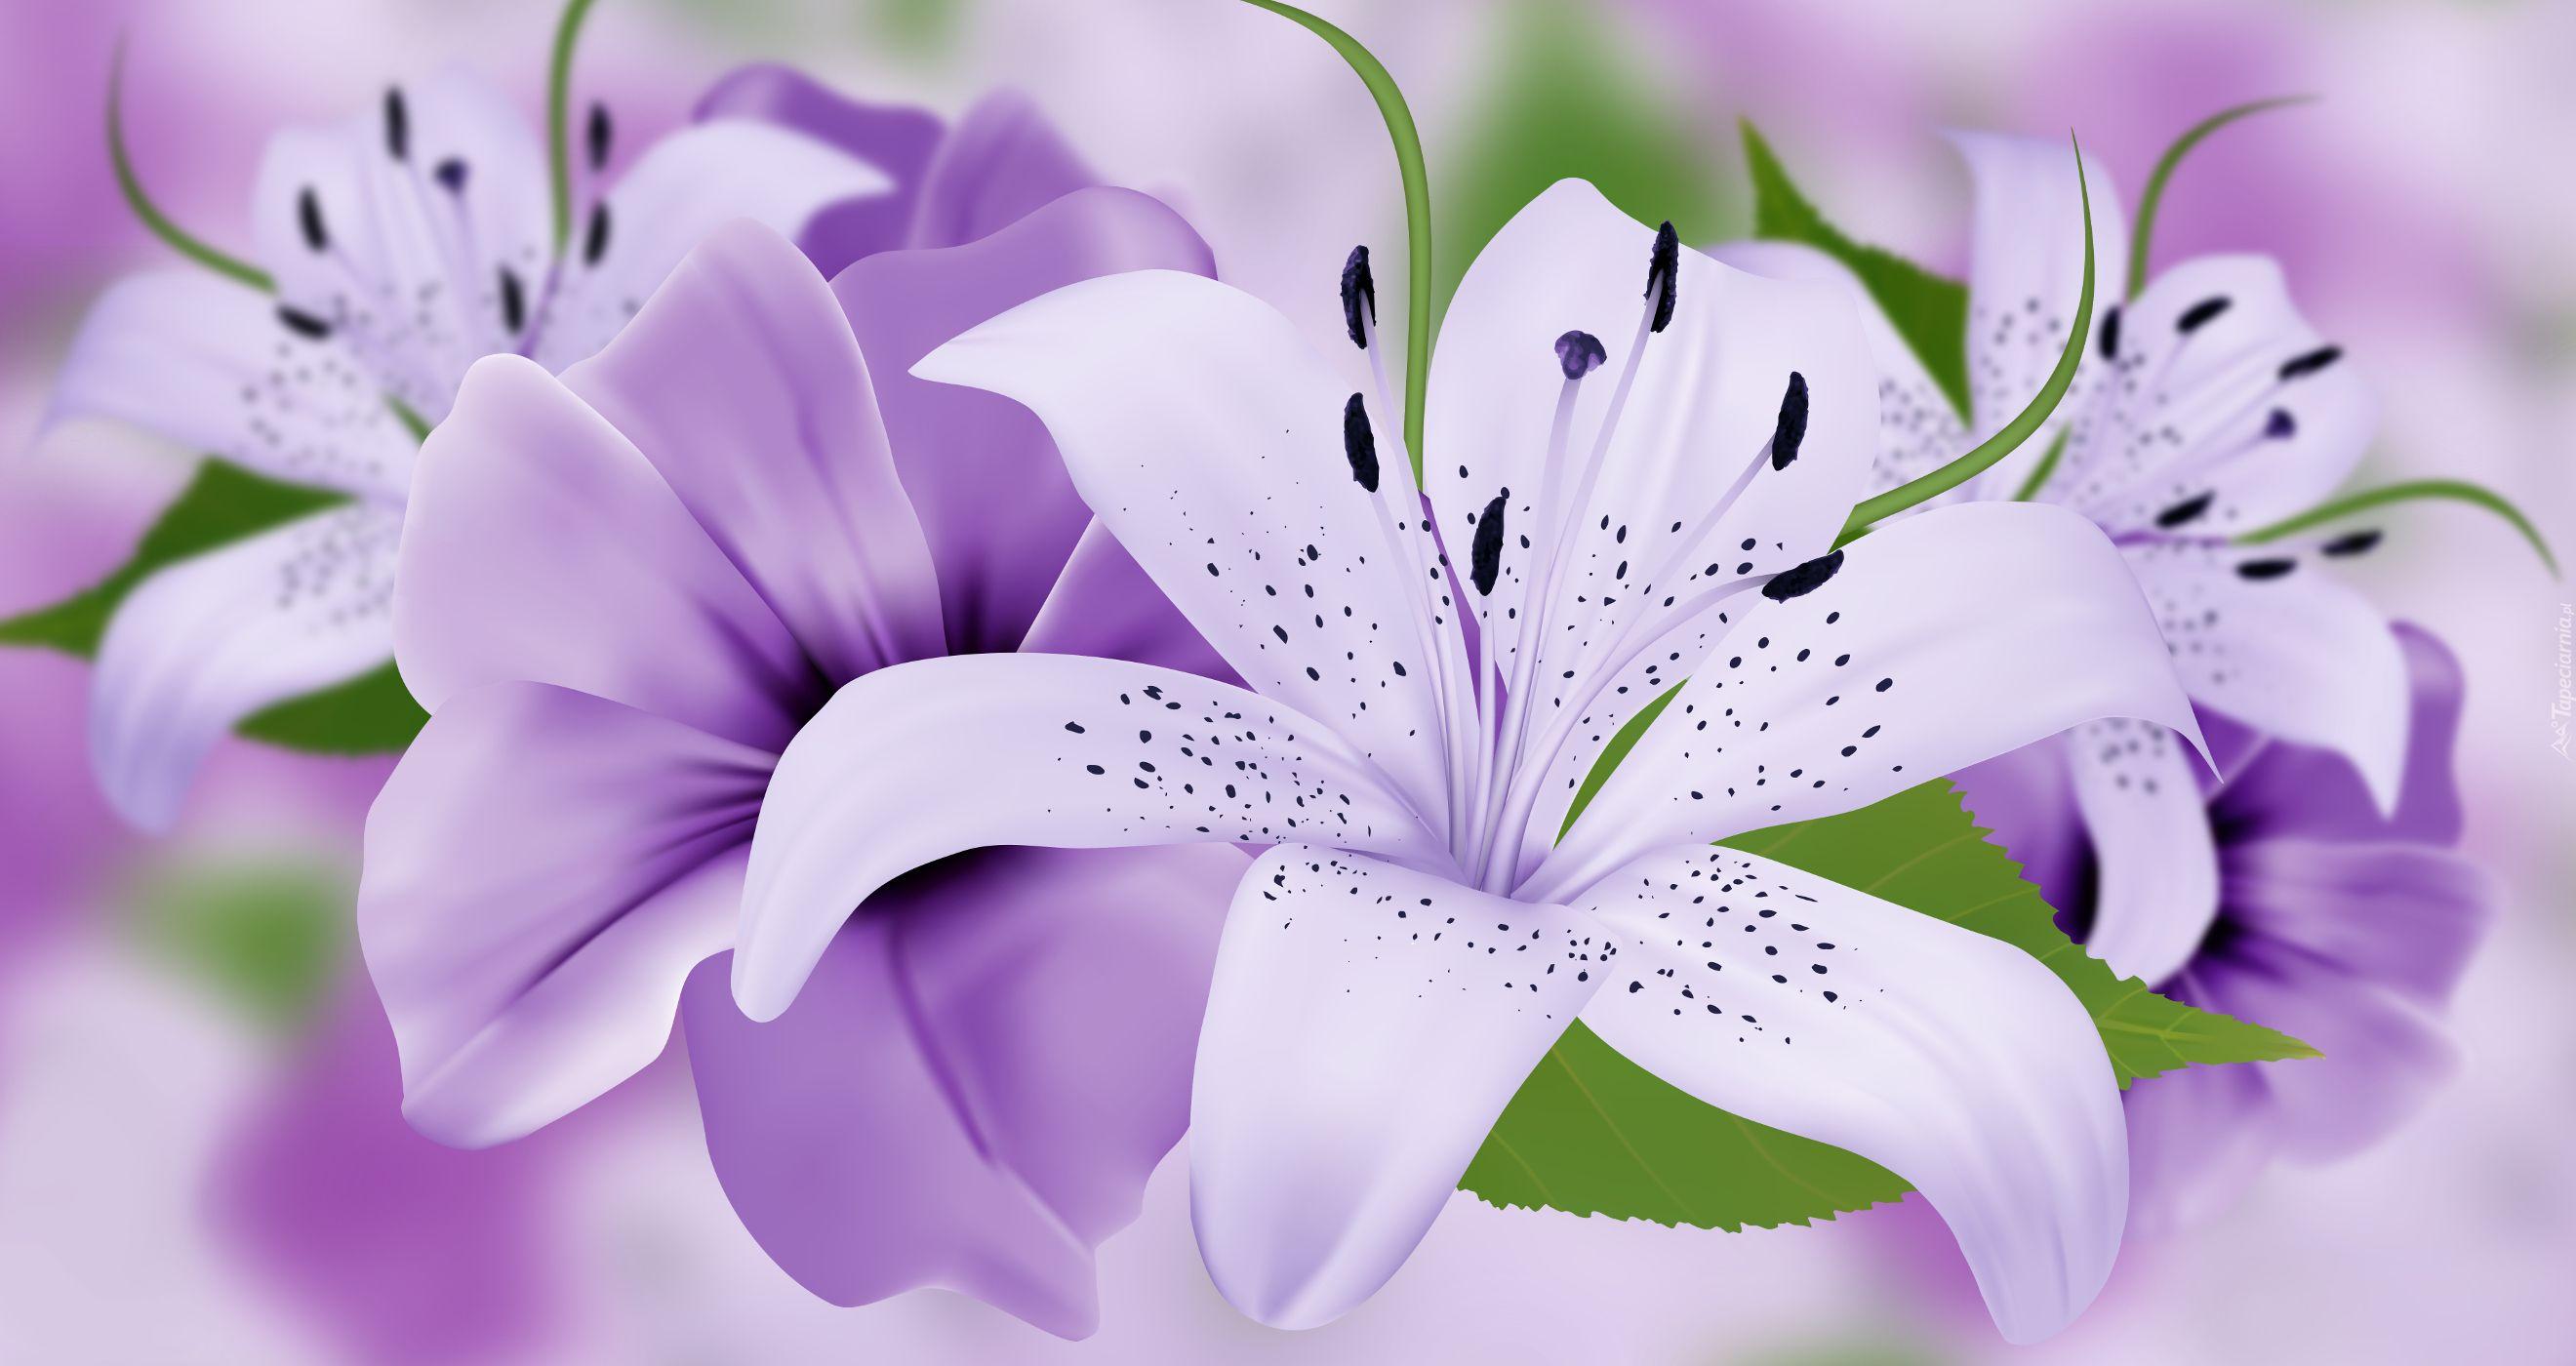 Kwiaty Lilie 2d Flower Desktop Wallpaper Flowers Wallpaper